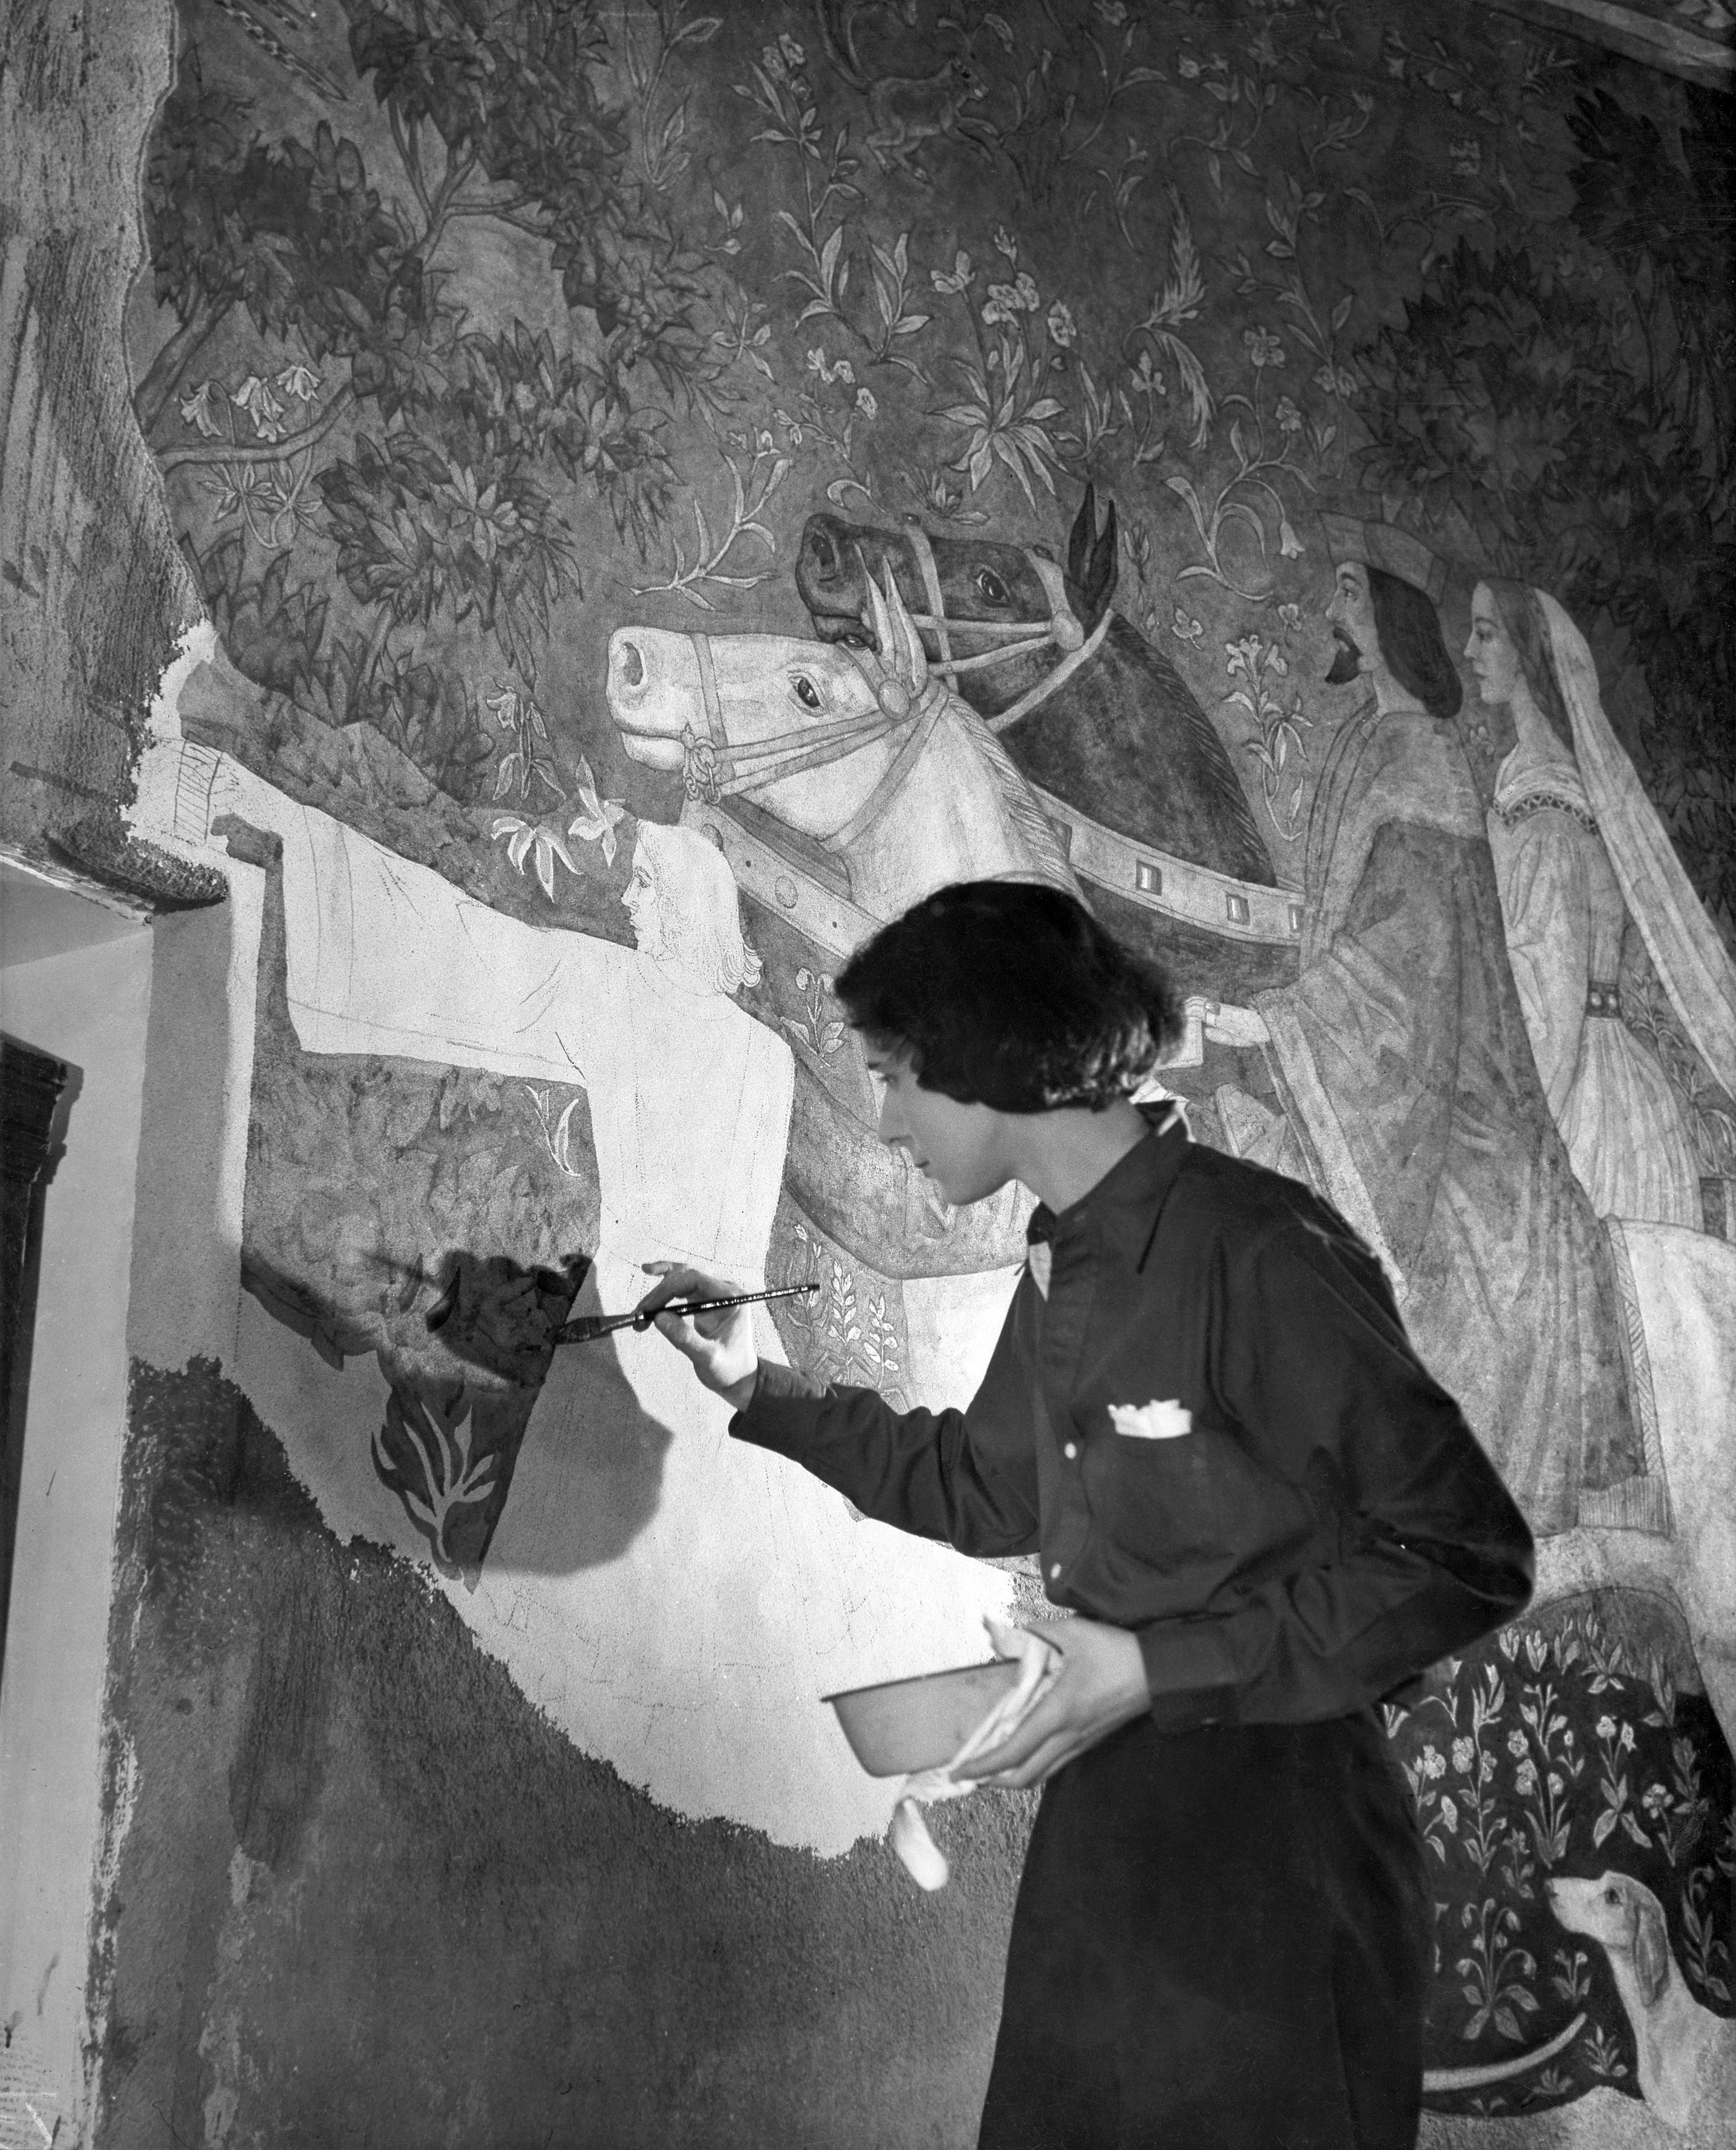 muralists, working